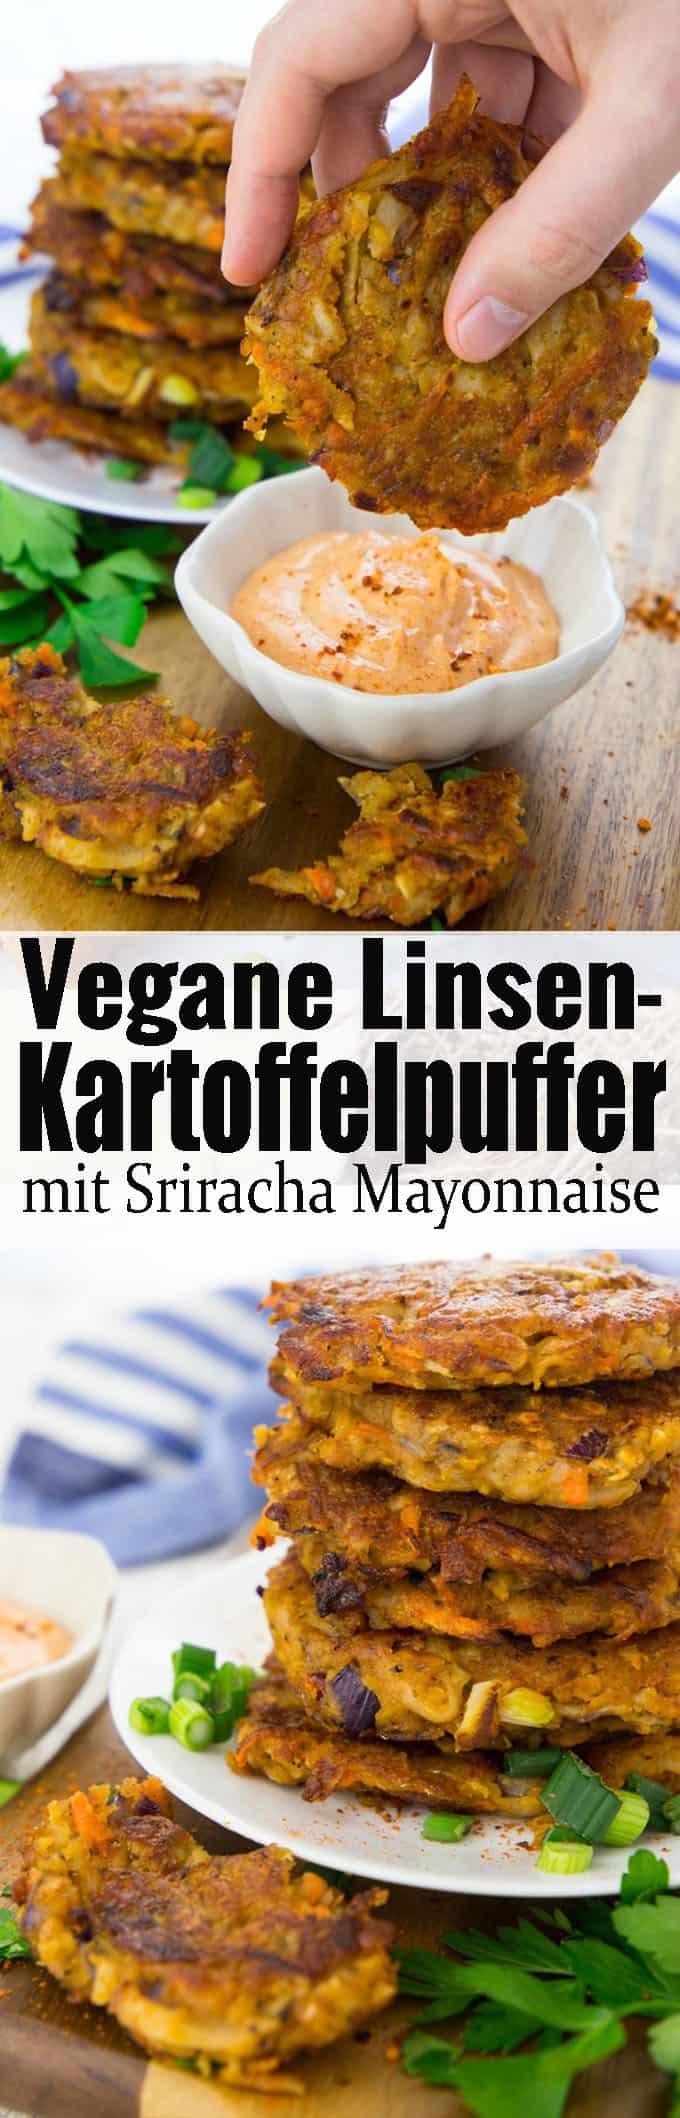 Super leckeres und einfaches Rezept für vegane Kartoffelpuffer mit roten Linsen! Ein leckeres und einfaches Abendessen! Mehr vegetarische Rezepte und vegane Rezepte auf veganheaven.de!